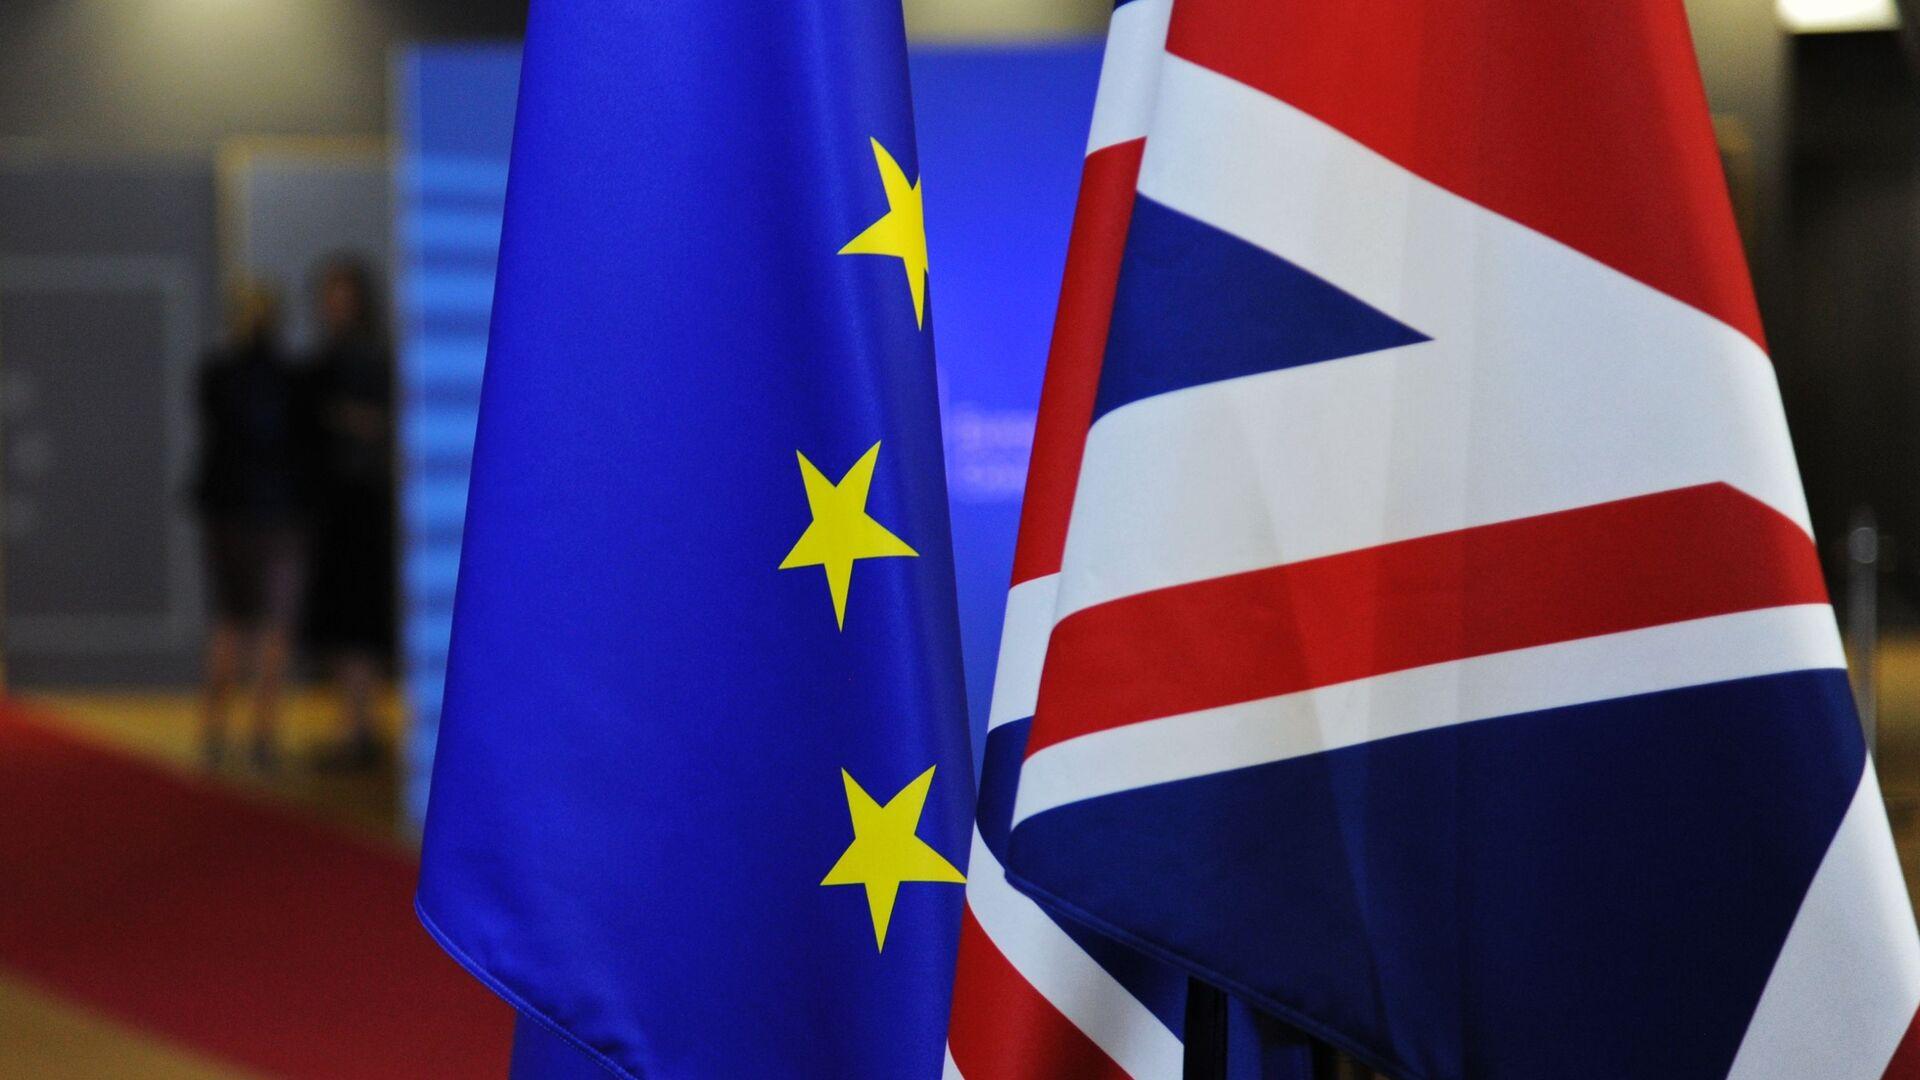 Флаги Евросоюза и Великобритании перед началом саммита ЕС в Брюсселе - Sputnik Латвия, 1920, 24.09.2021